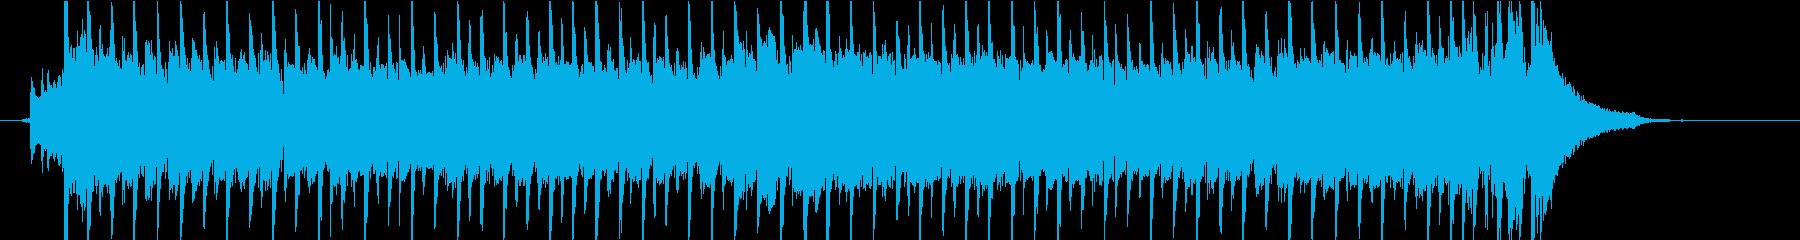 映像、OP,ED向けの和風EDMジングルの再生済みの波形